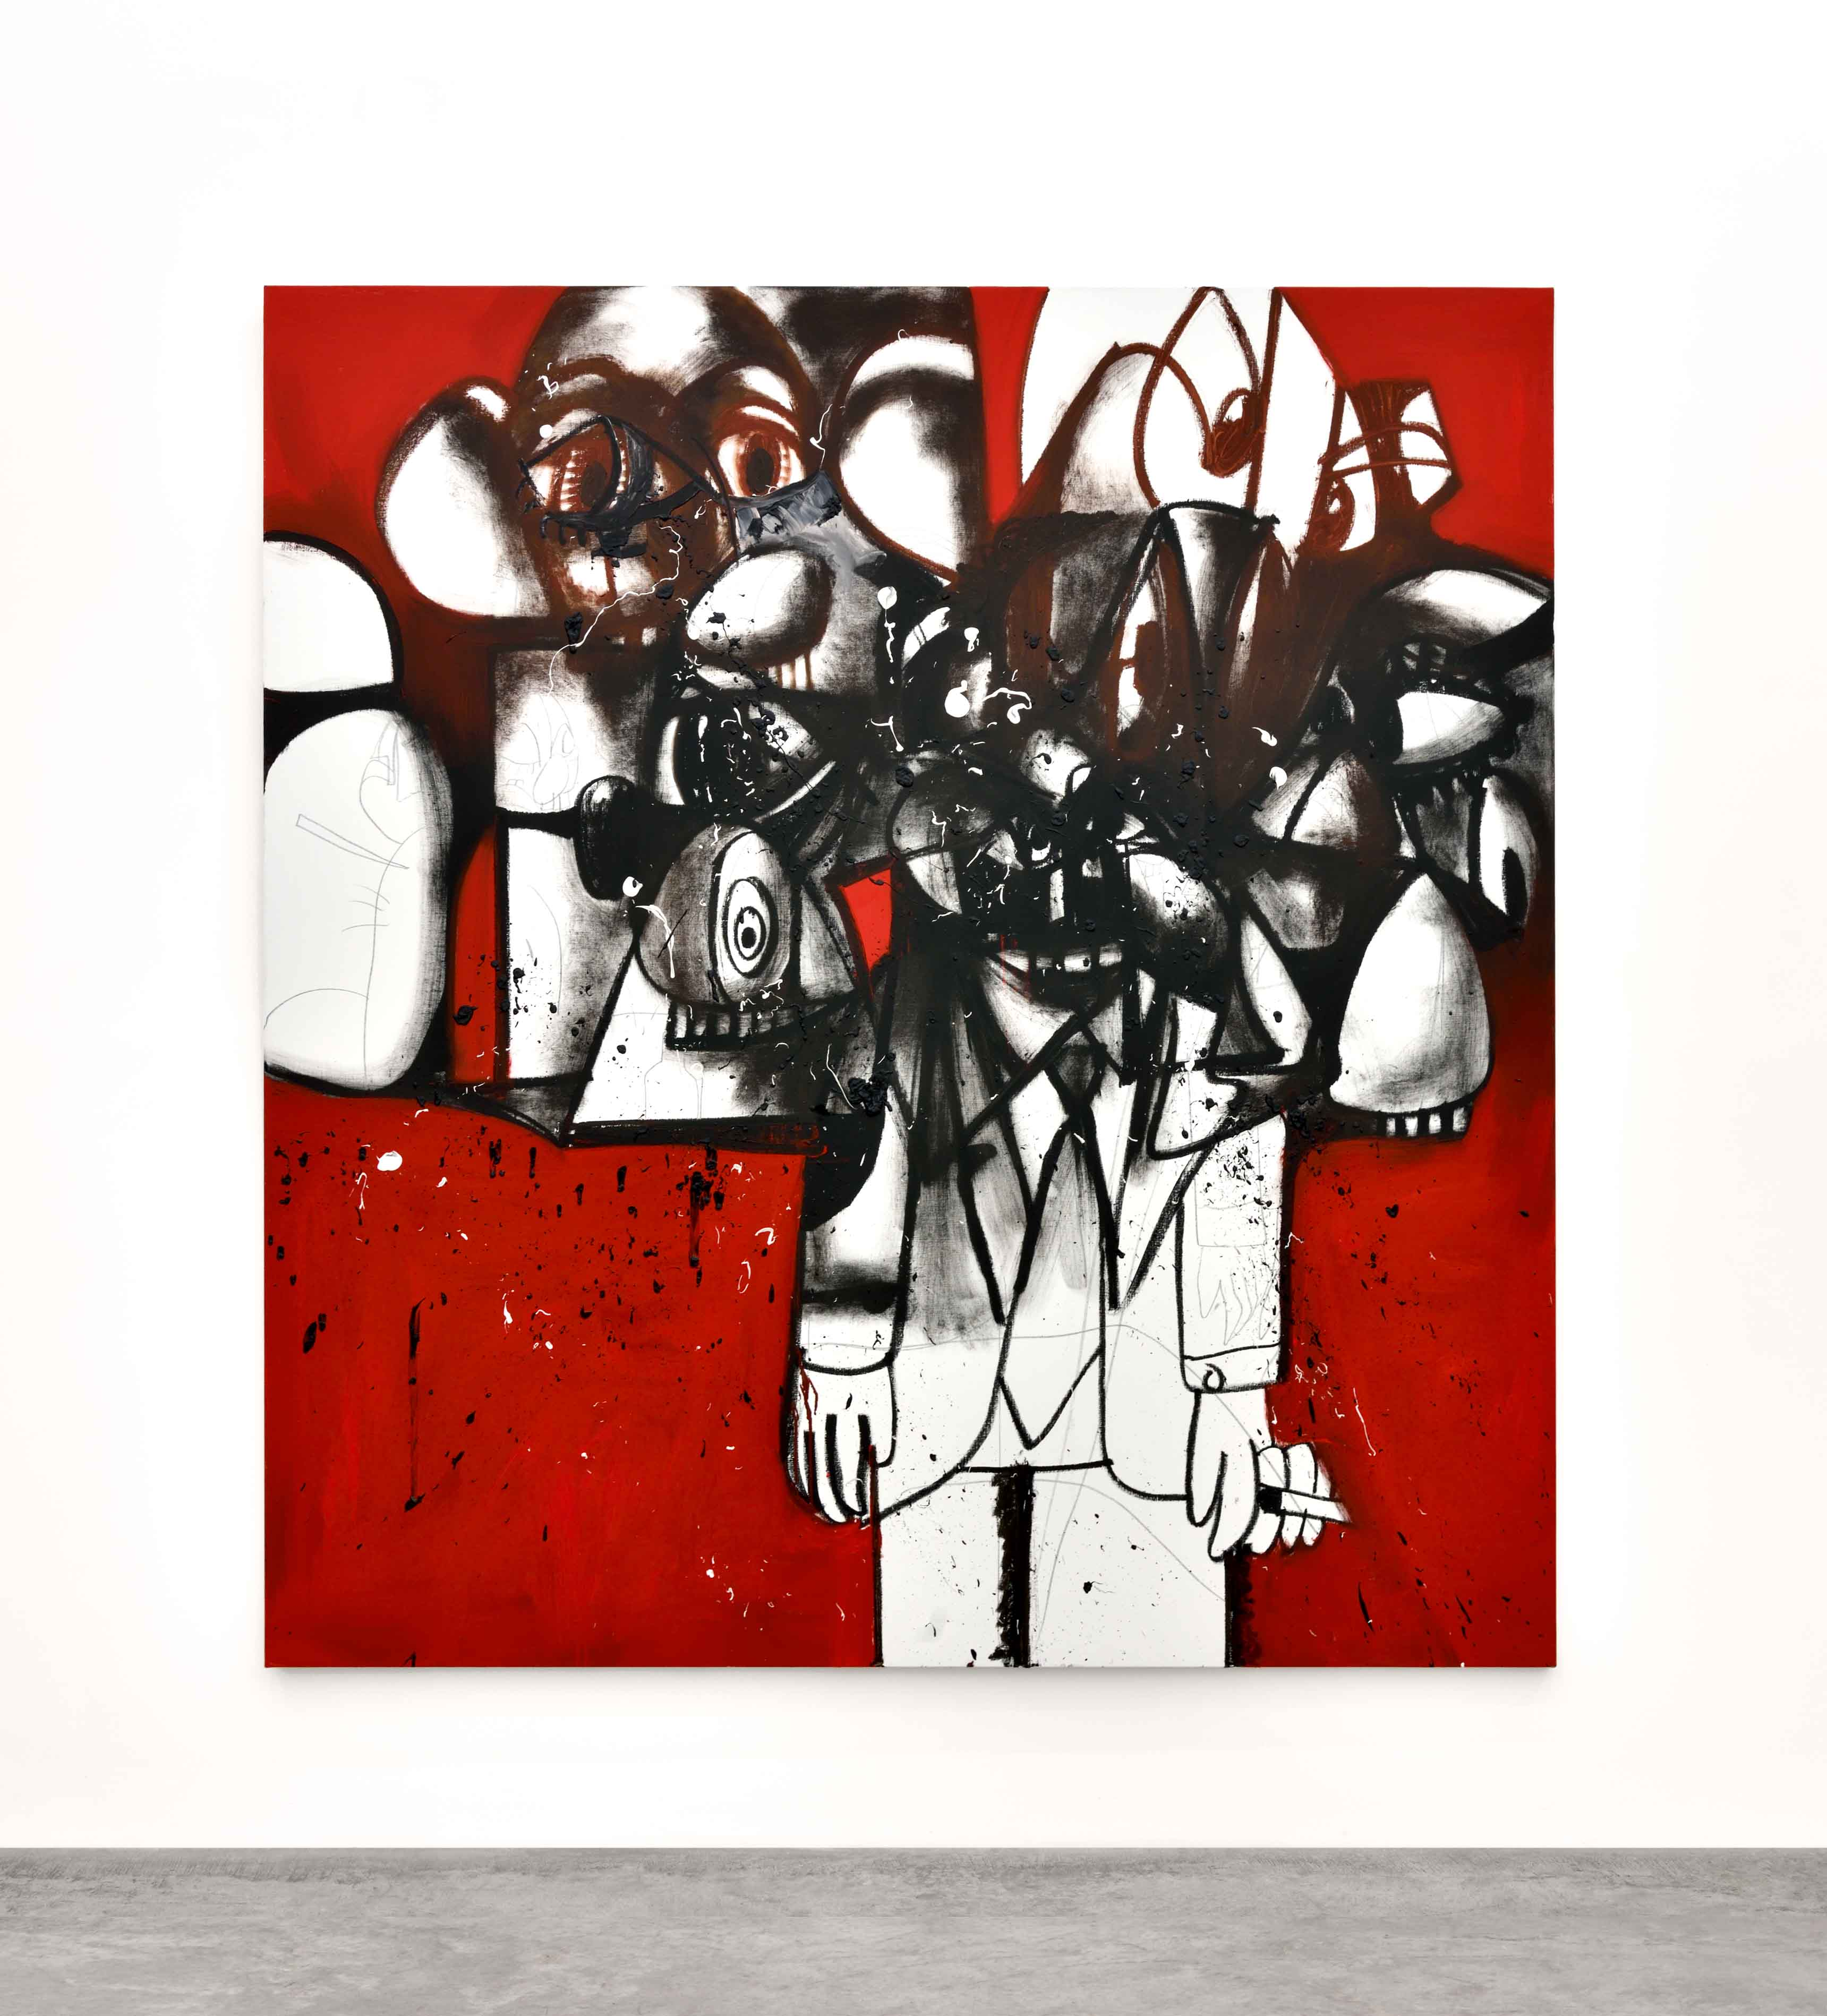 The Last Man Standing (2017). Huile, graphite et pigments sur lin, 203,2 x 190,5 cm.